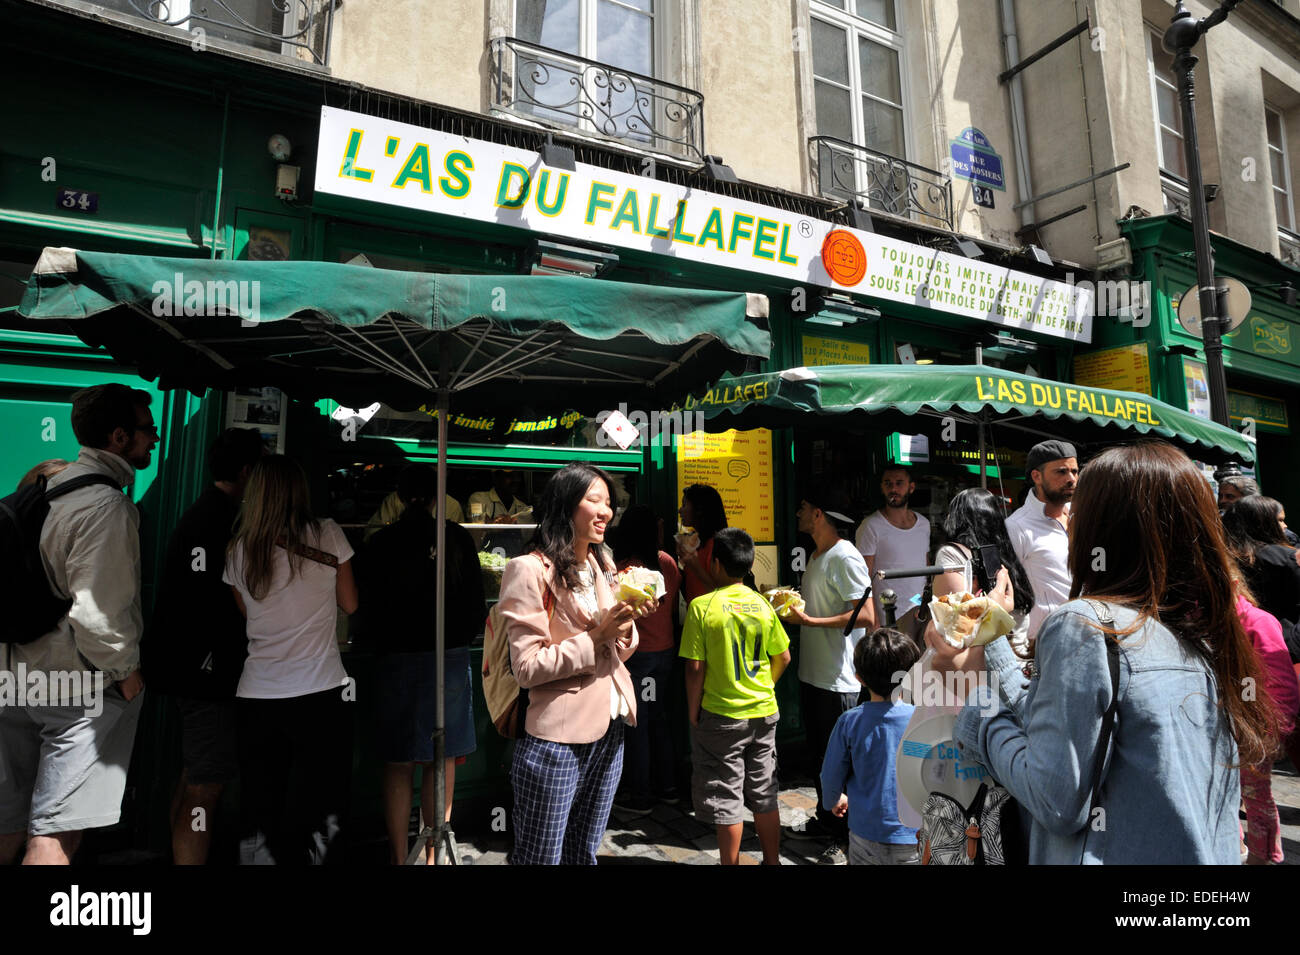 paris, marais, rue de rosiers, l'as du fallafel - Stock Image